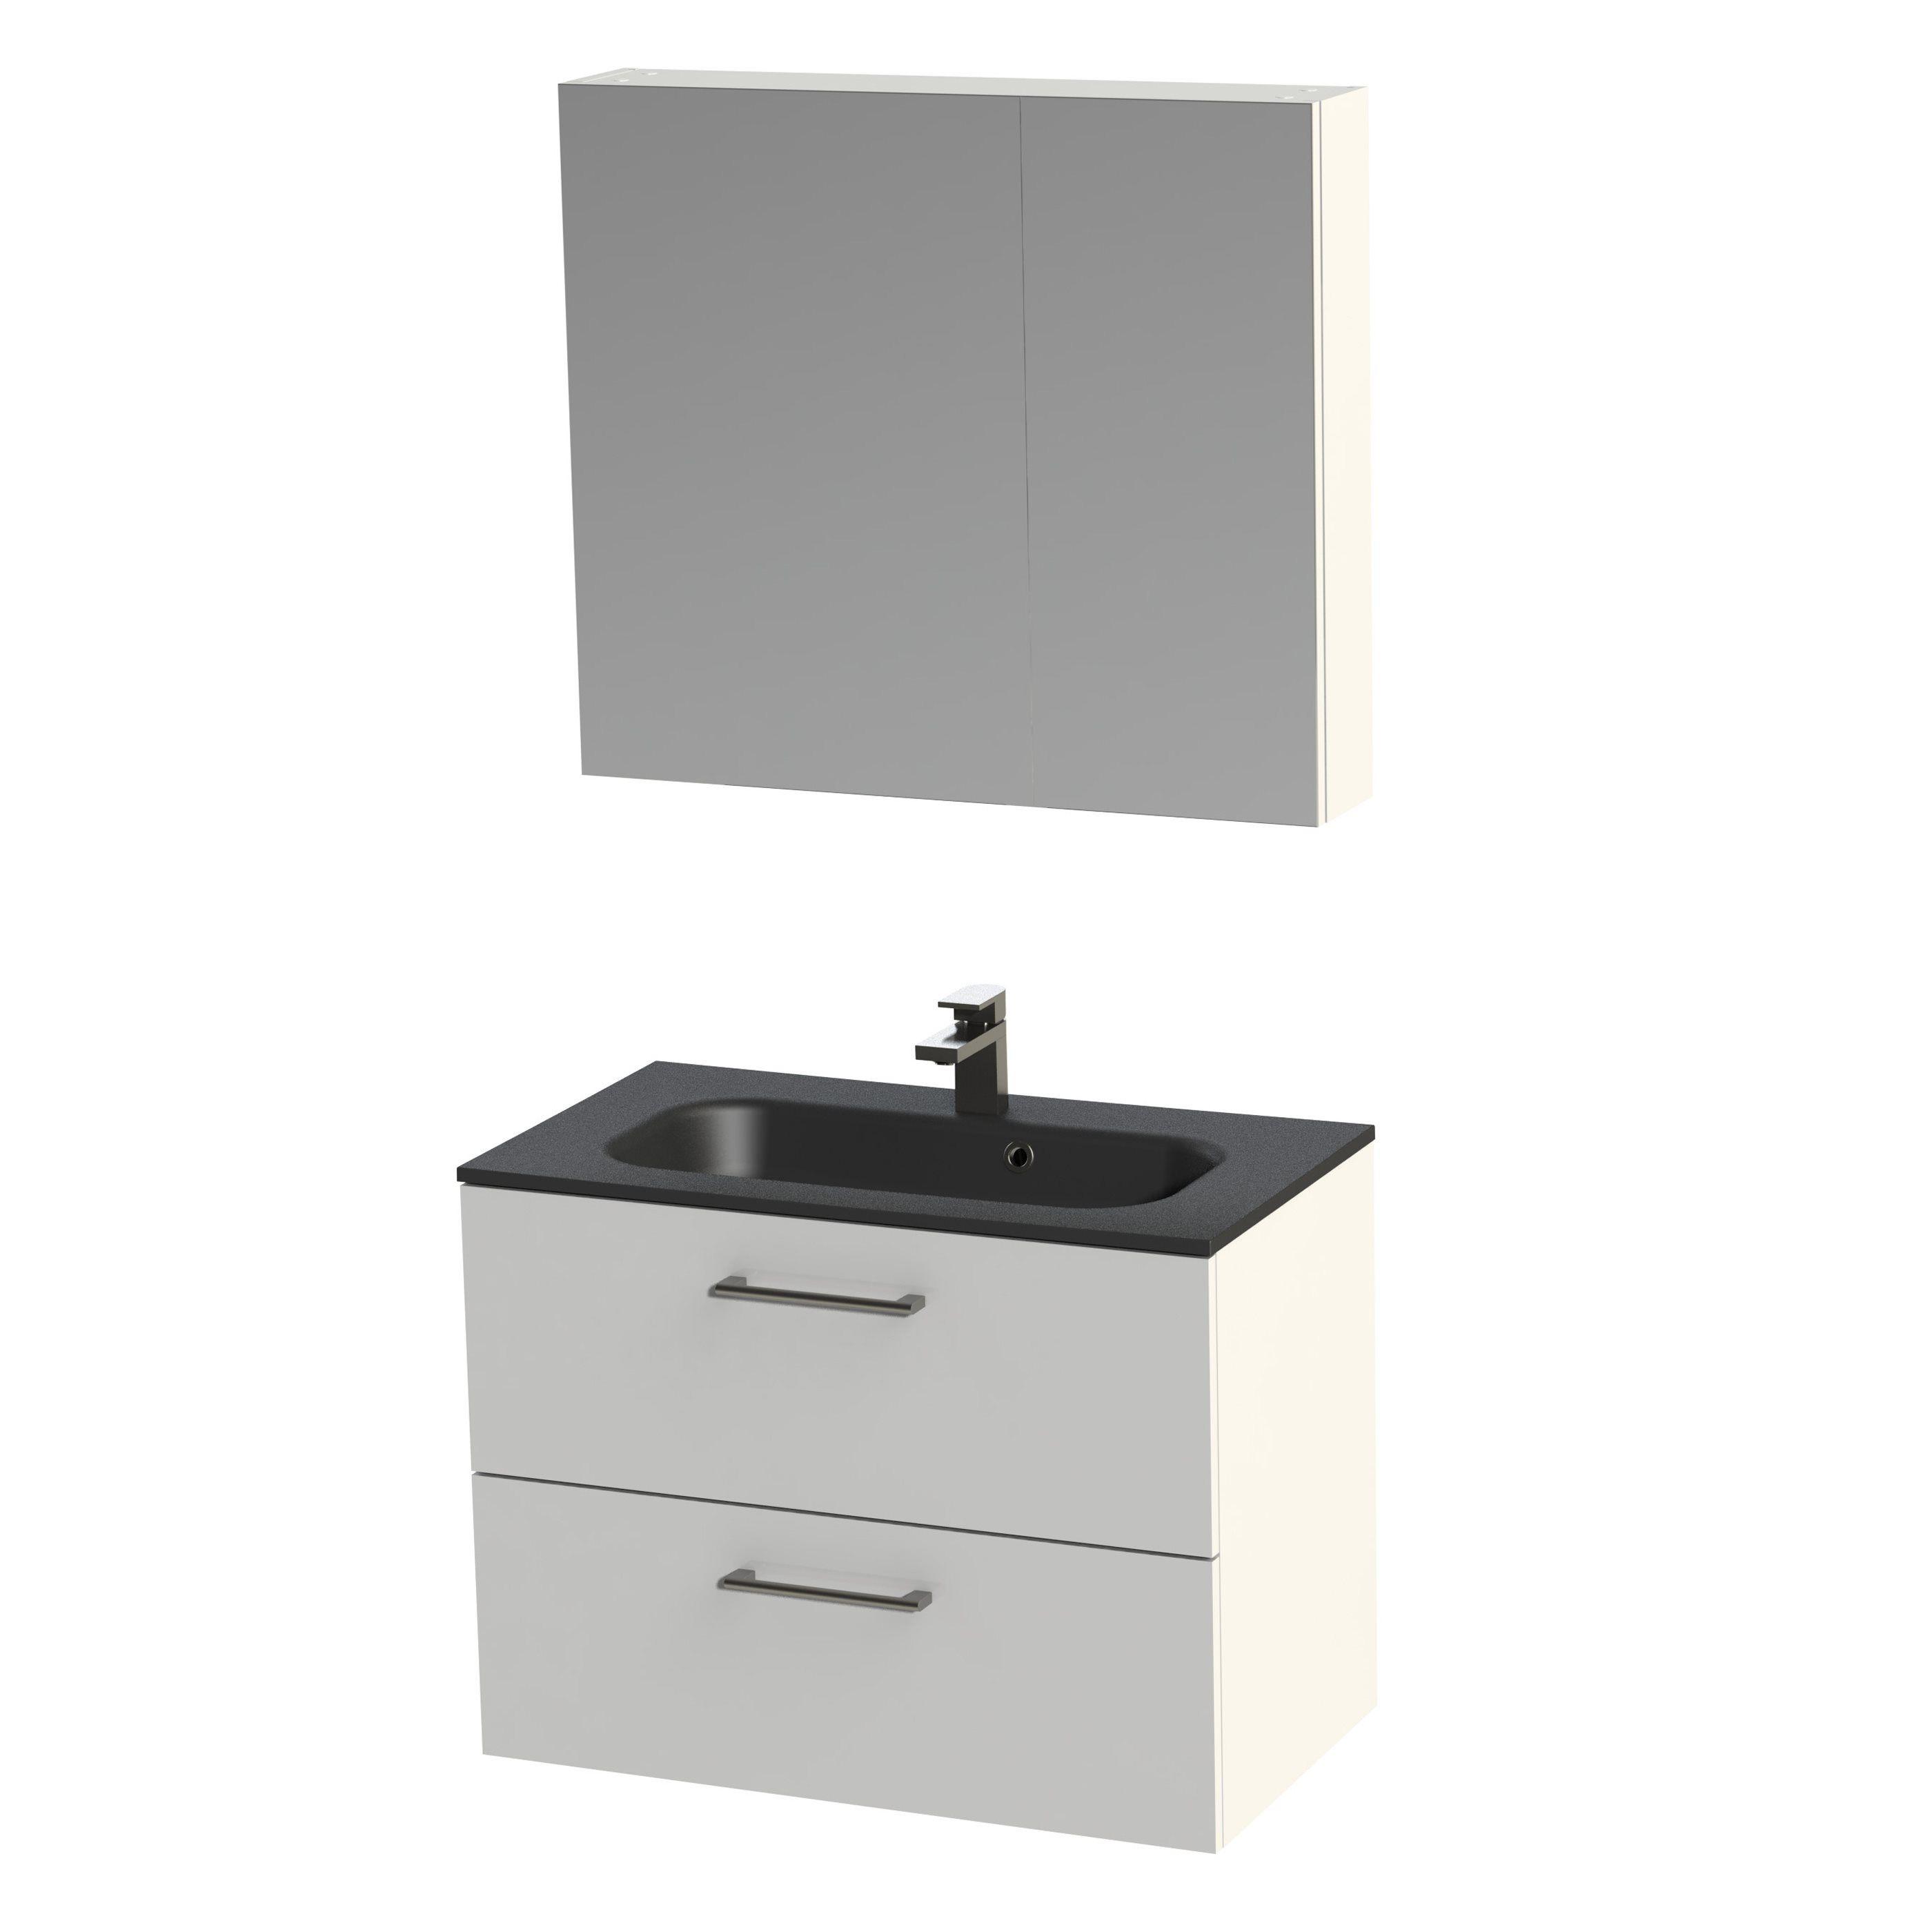 Tiger Studio badkamermeubel met spiegelkast en zwarte wastafel 80cm wit